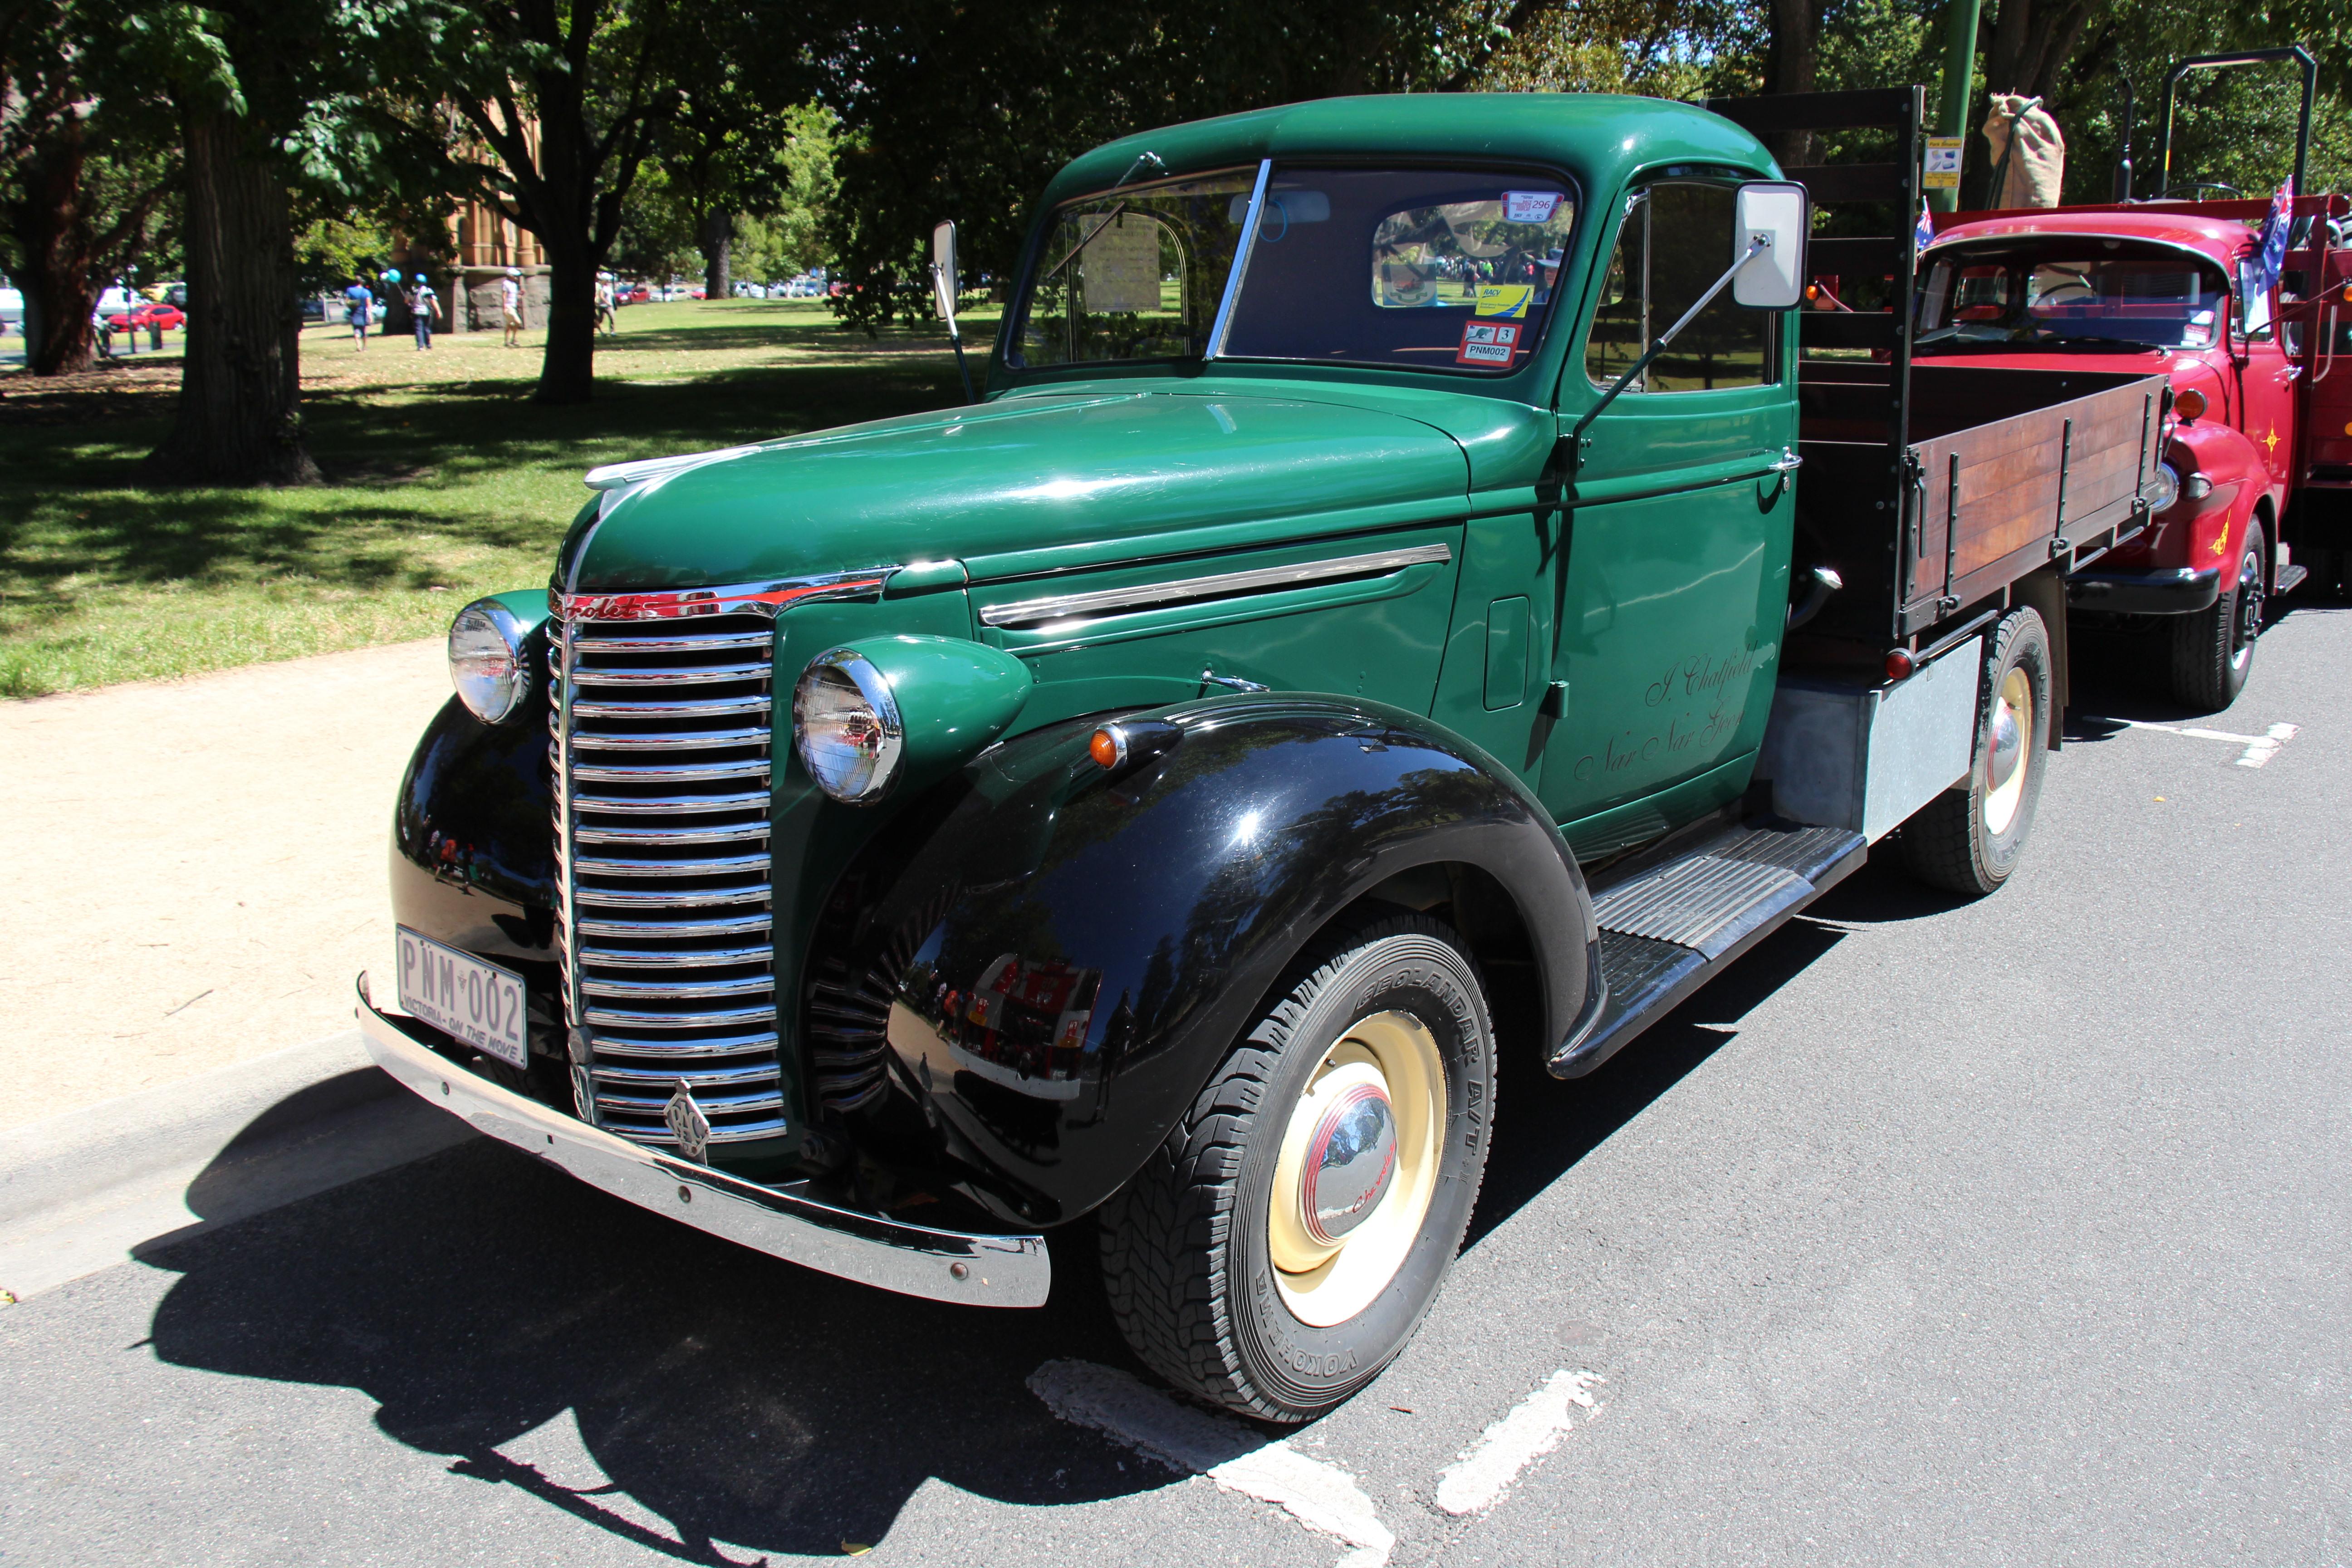 File:1939 Chevrolet Truck (12451521514).jpg - Wikimedia Commons